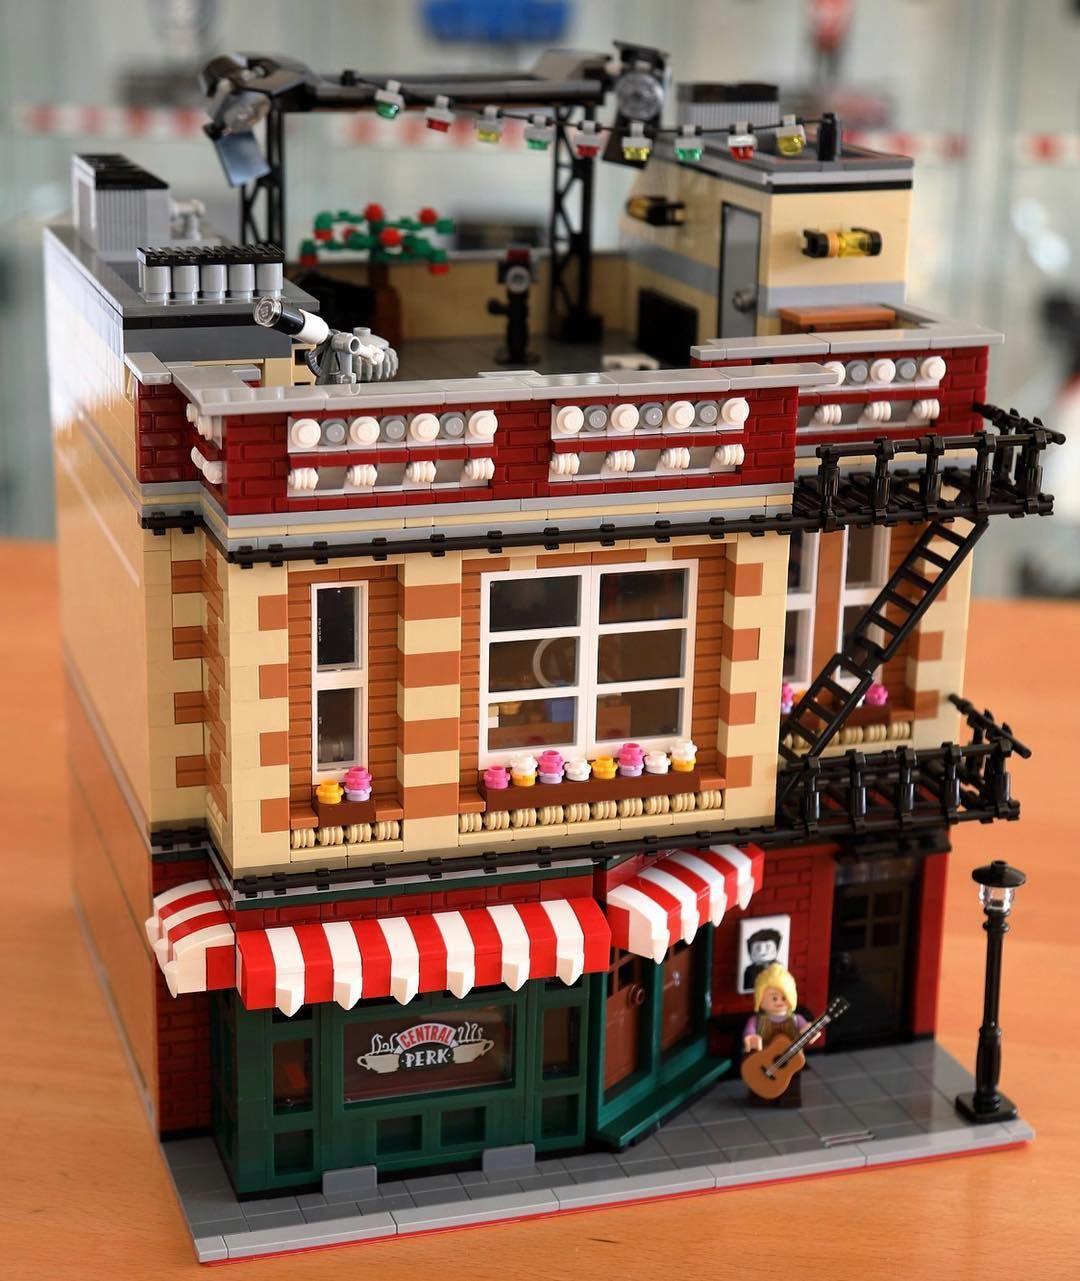 Legos Image By Matt In 2020 Lego Village Cool Lego Lego House